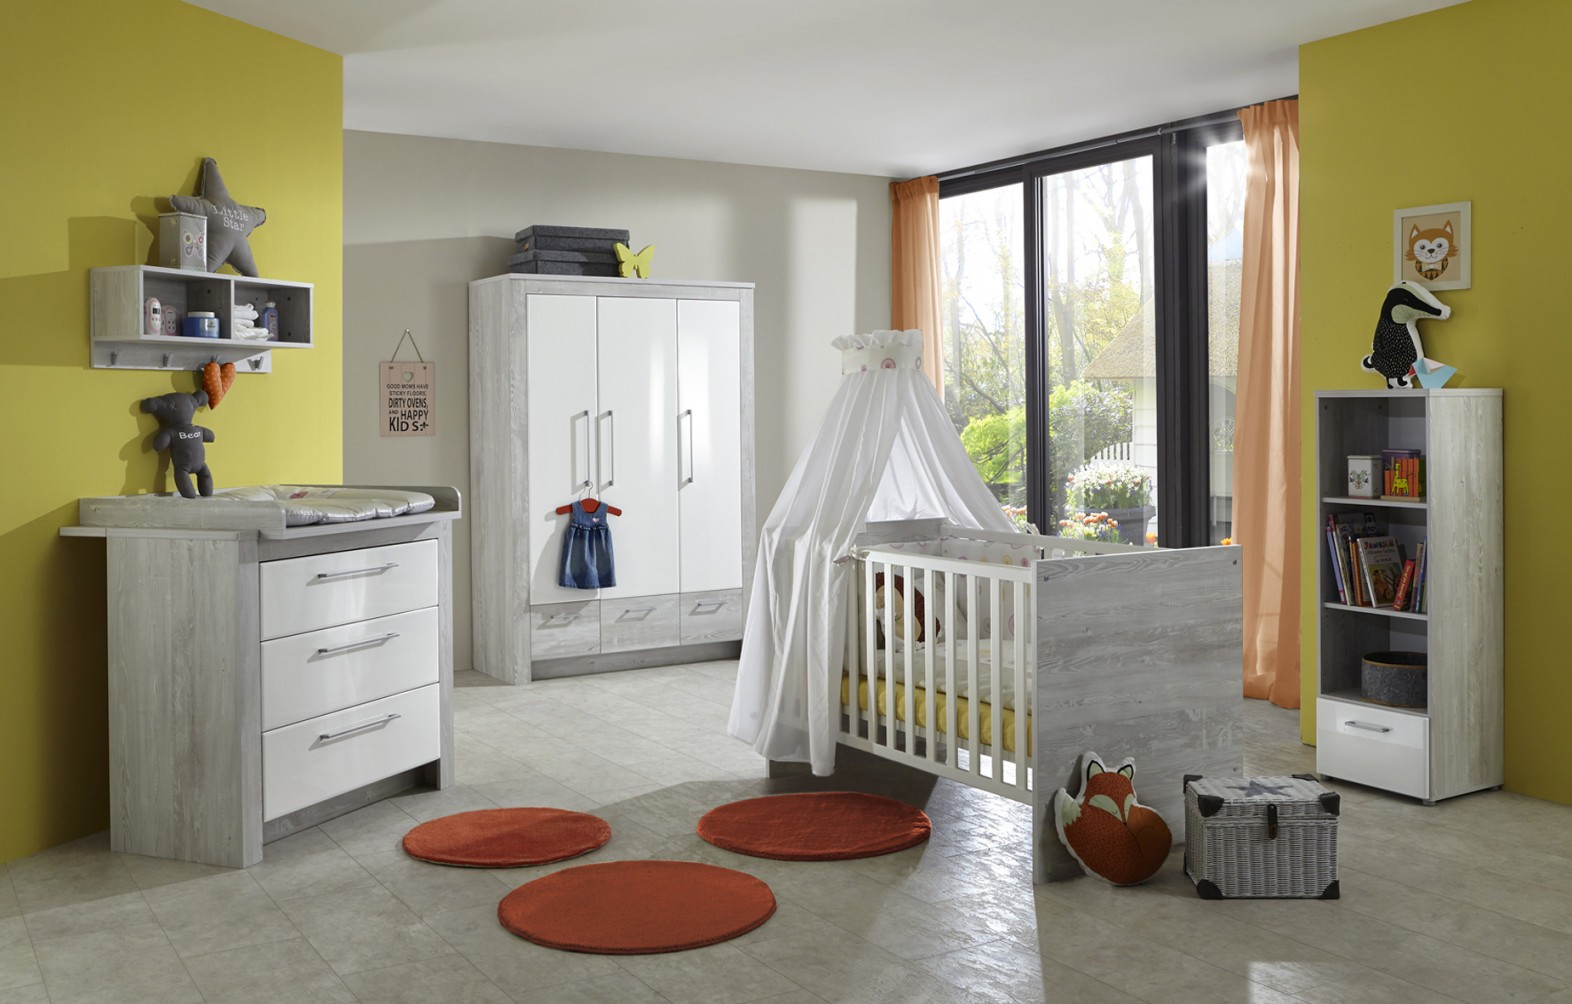 Babyzimmer Emilia  3Tlg  Piniegrau Nachbildungmdf von Babyzimmer Weiß Hochglanz Bild